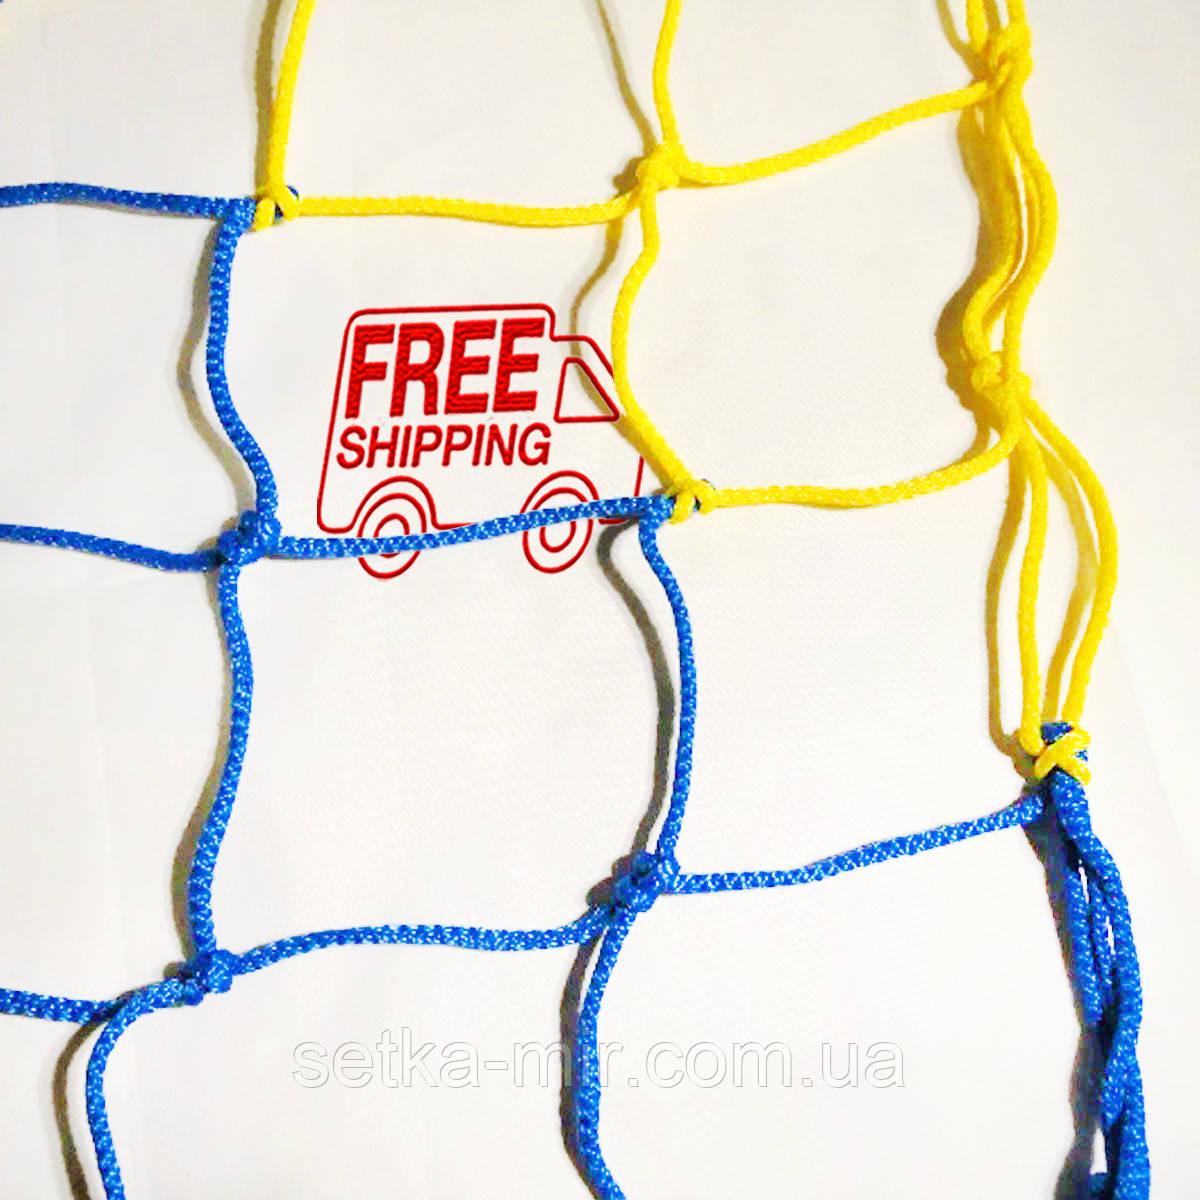 Сетка для футбола повышенной прочности «ЭЛИТ» желто-синяя (комплект 2 шт.)